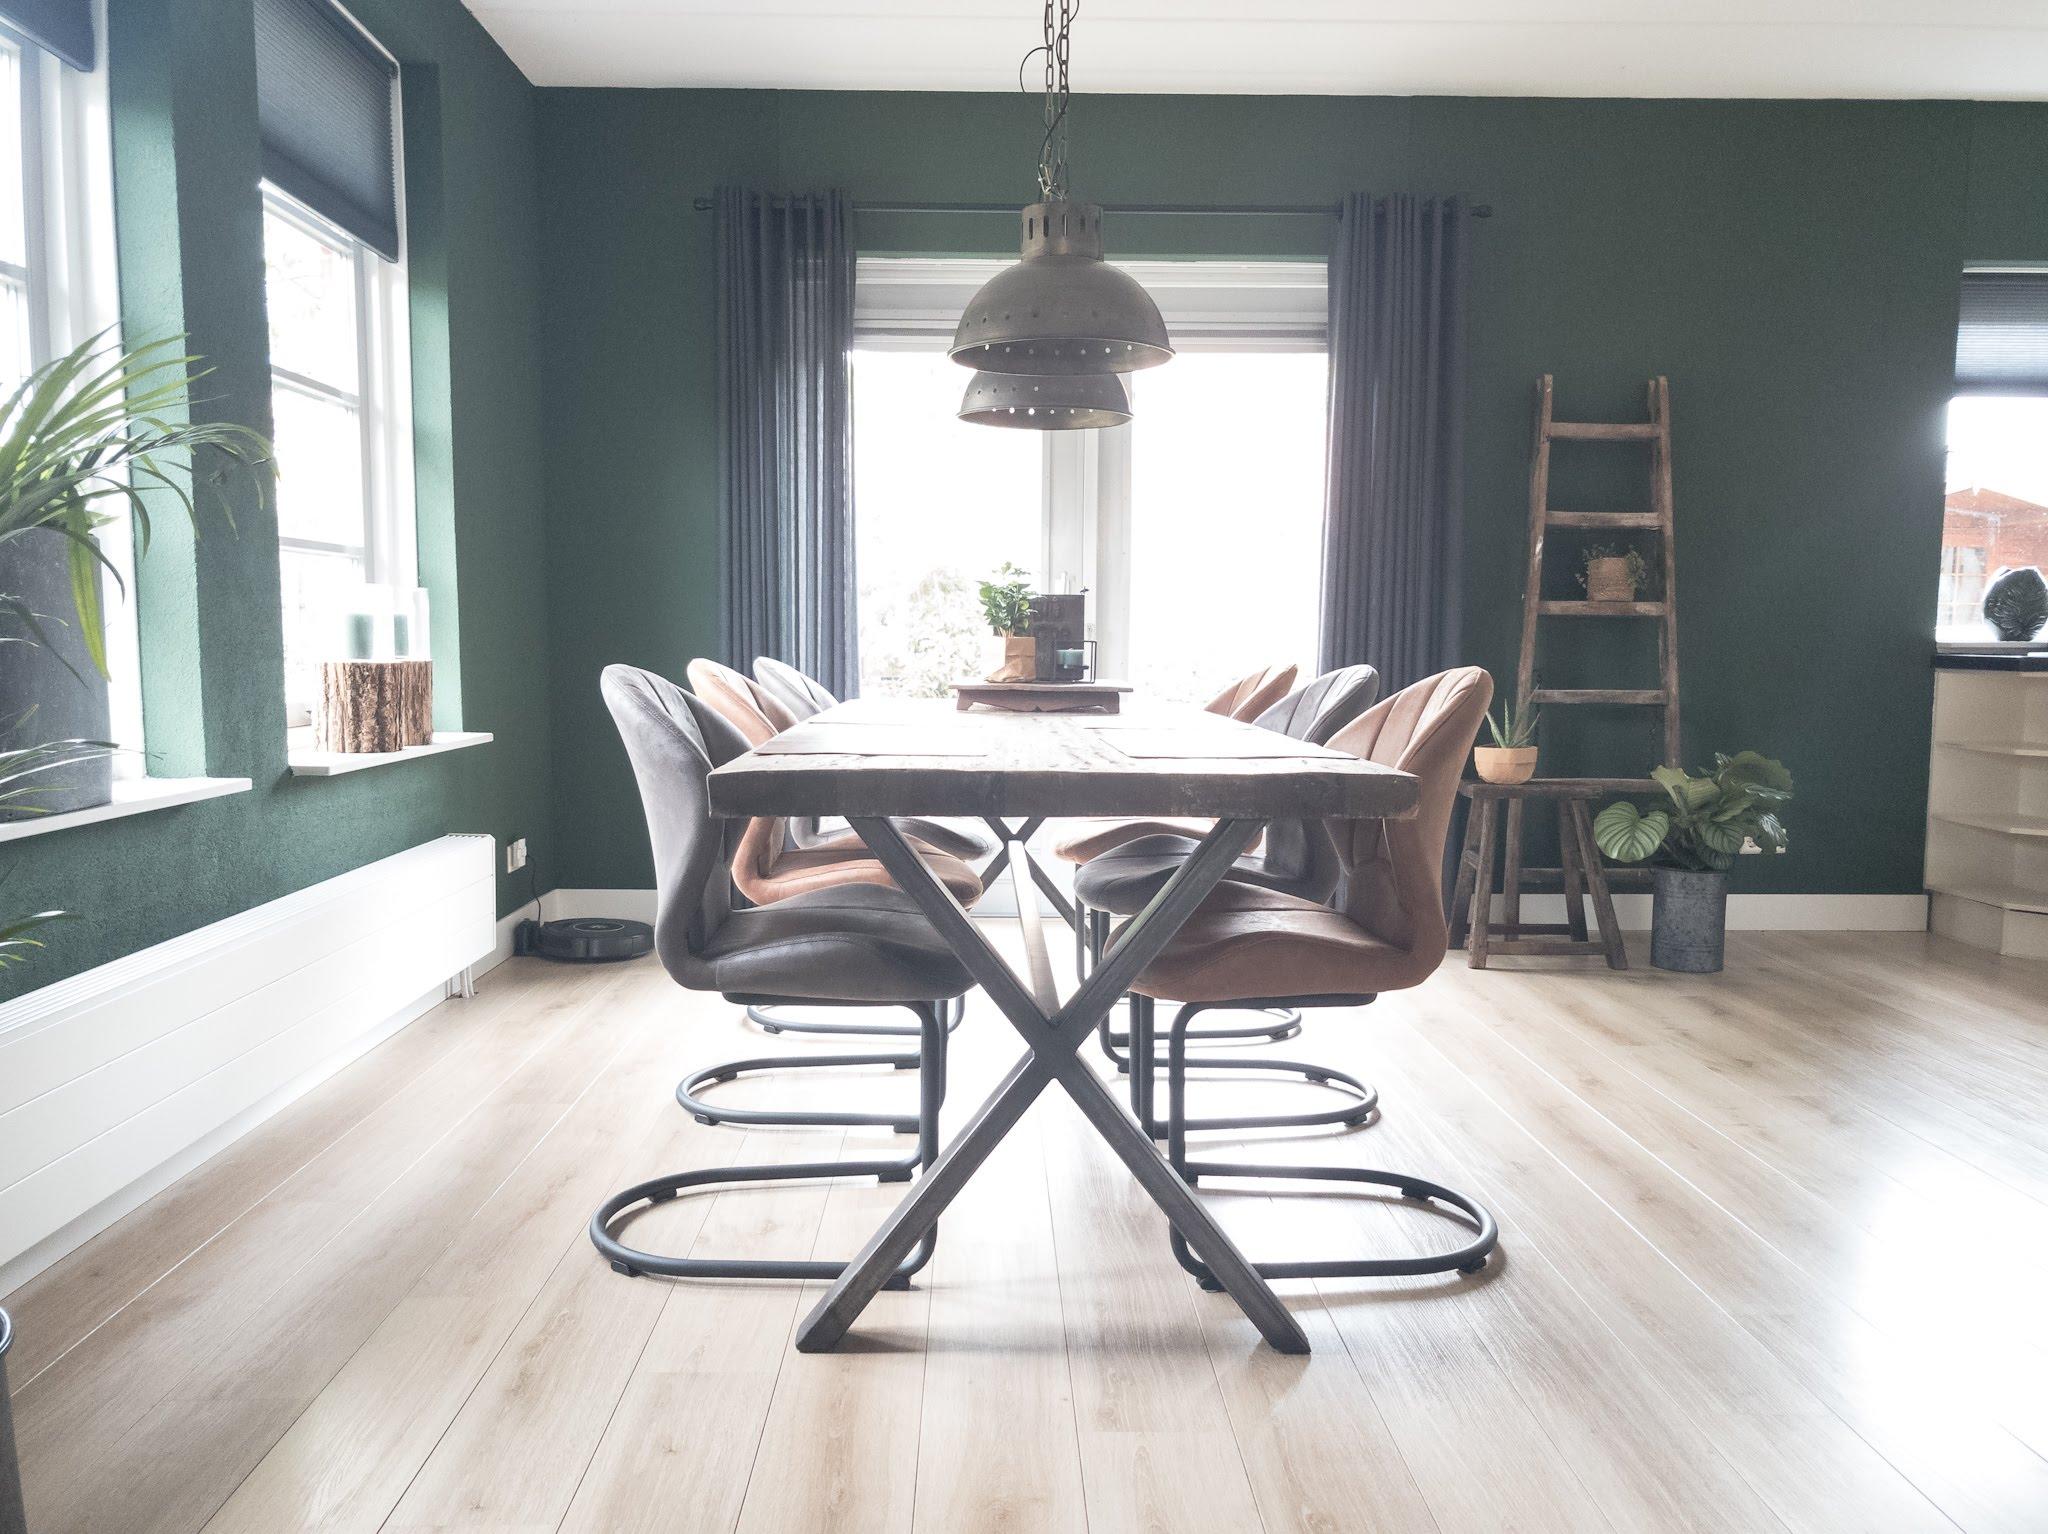 Portfolio interieur foto's woonkamer eethoek groen cognac stoer (5)